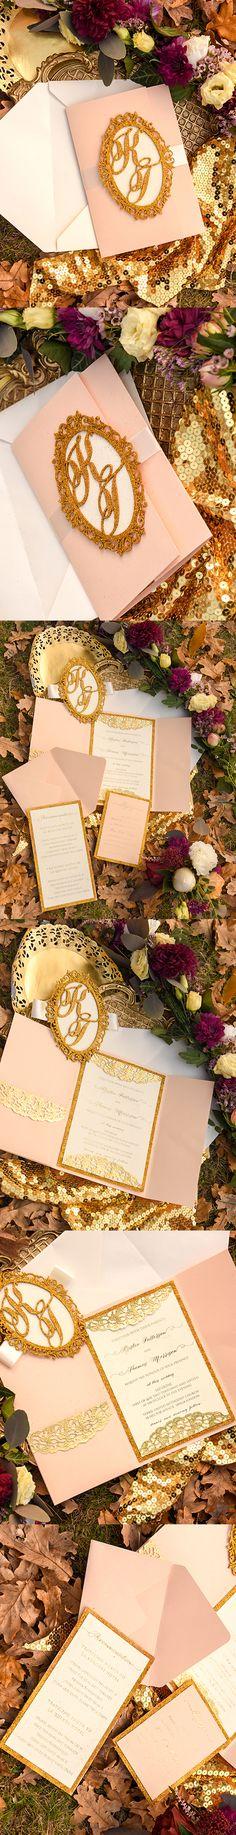 Gold Glitter Glam Wedding Invitation #glamwedding #fgold #shiny #elegant